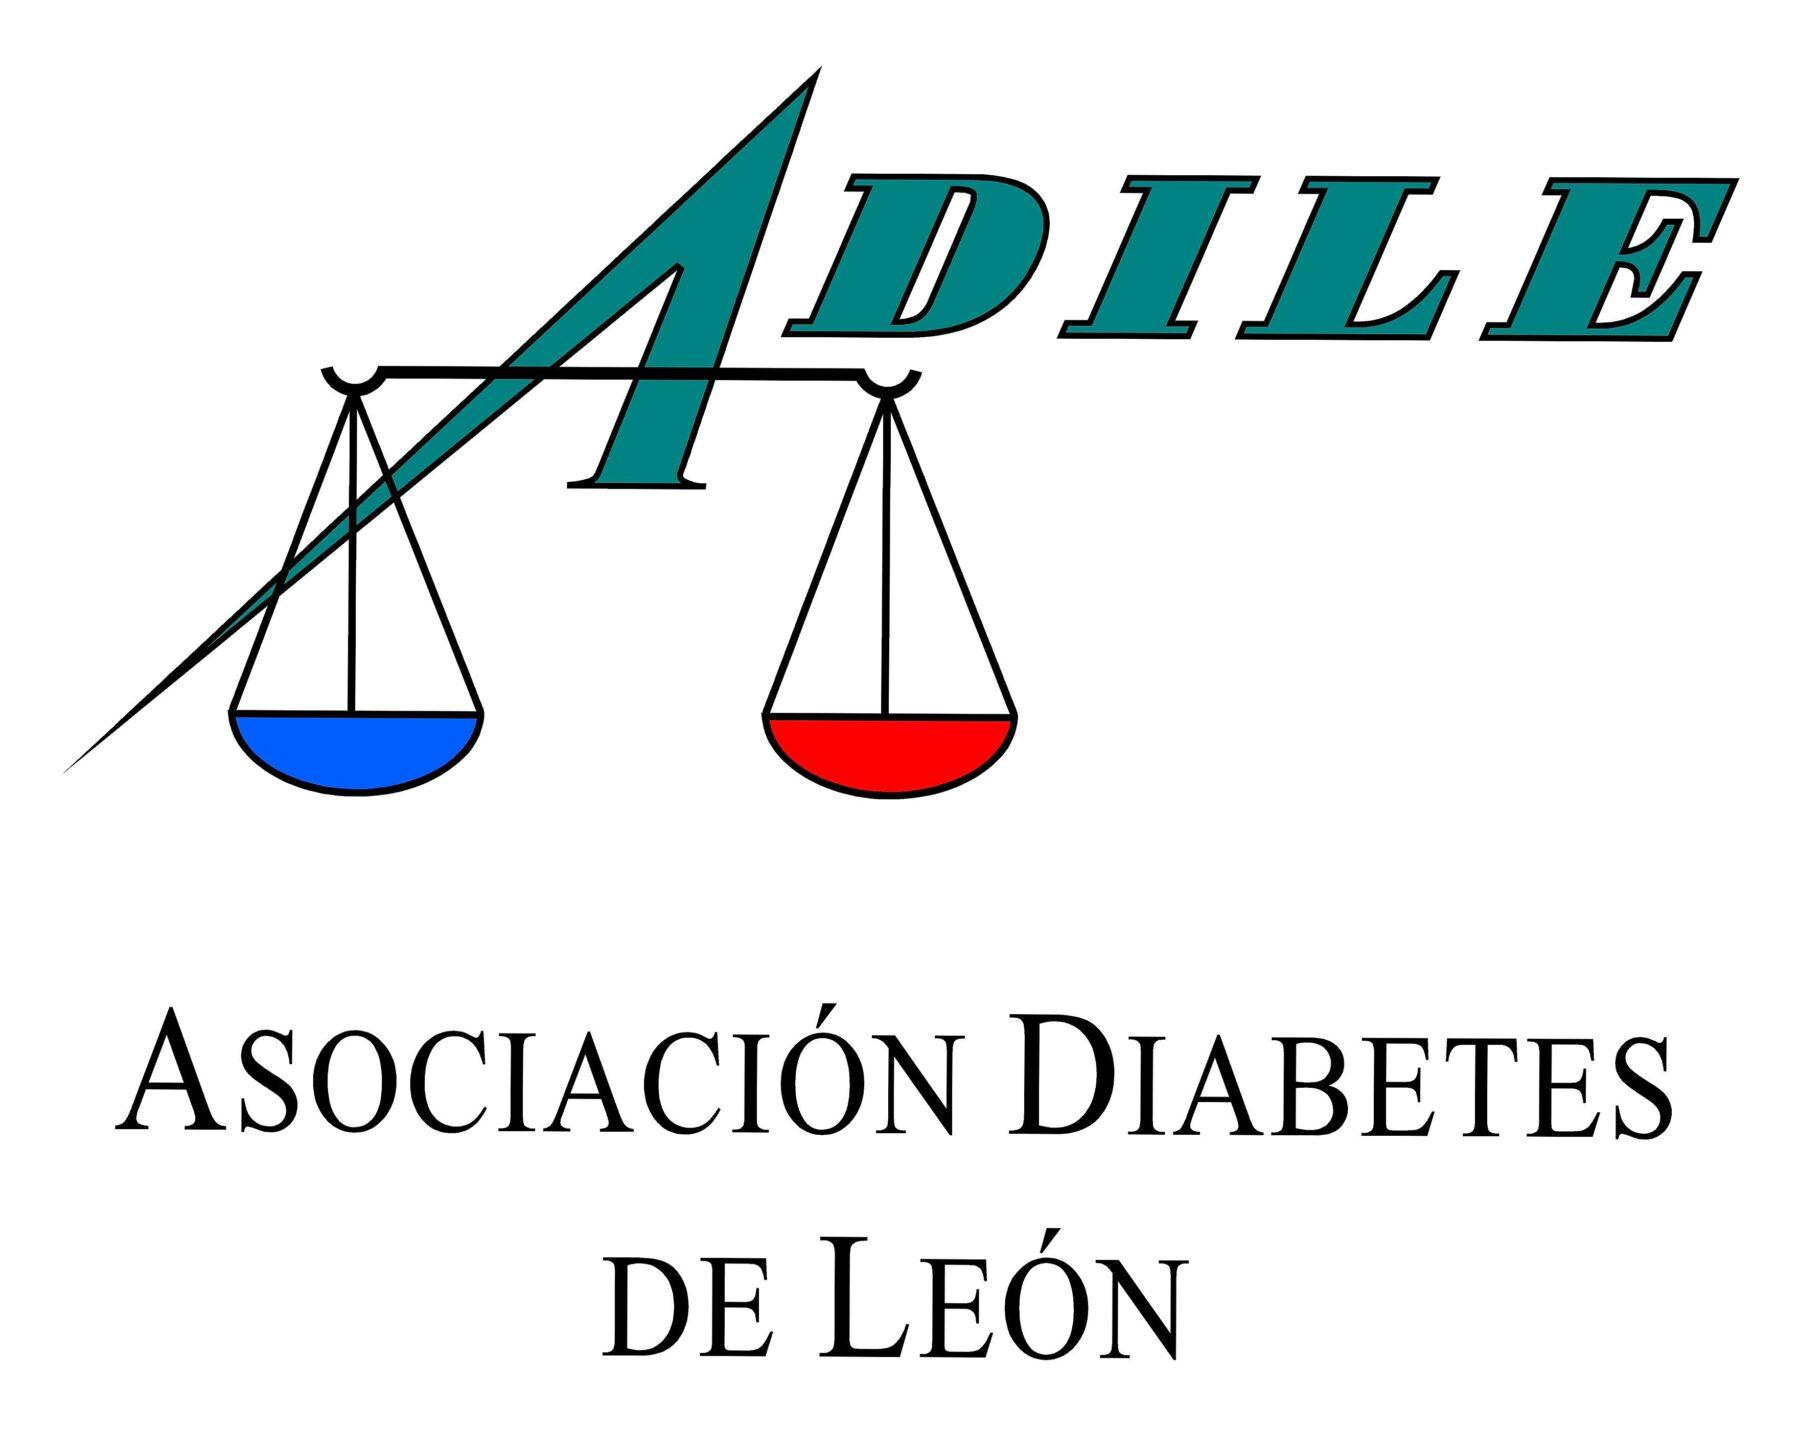 Asociación Diabetes de León (ADILE)